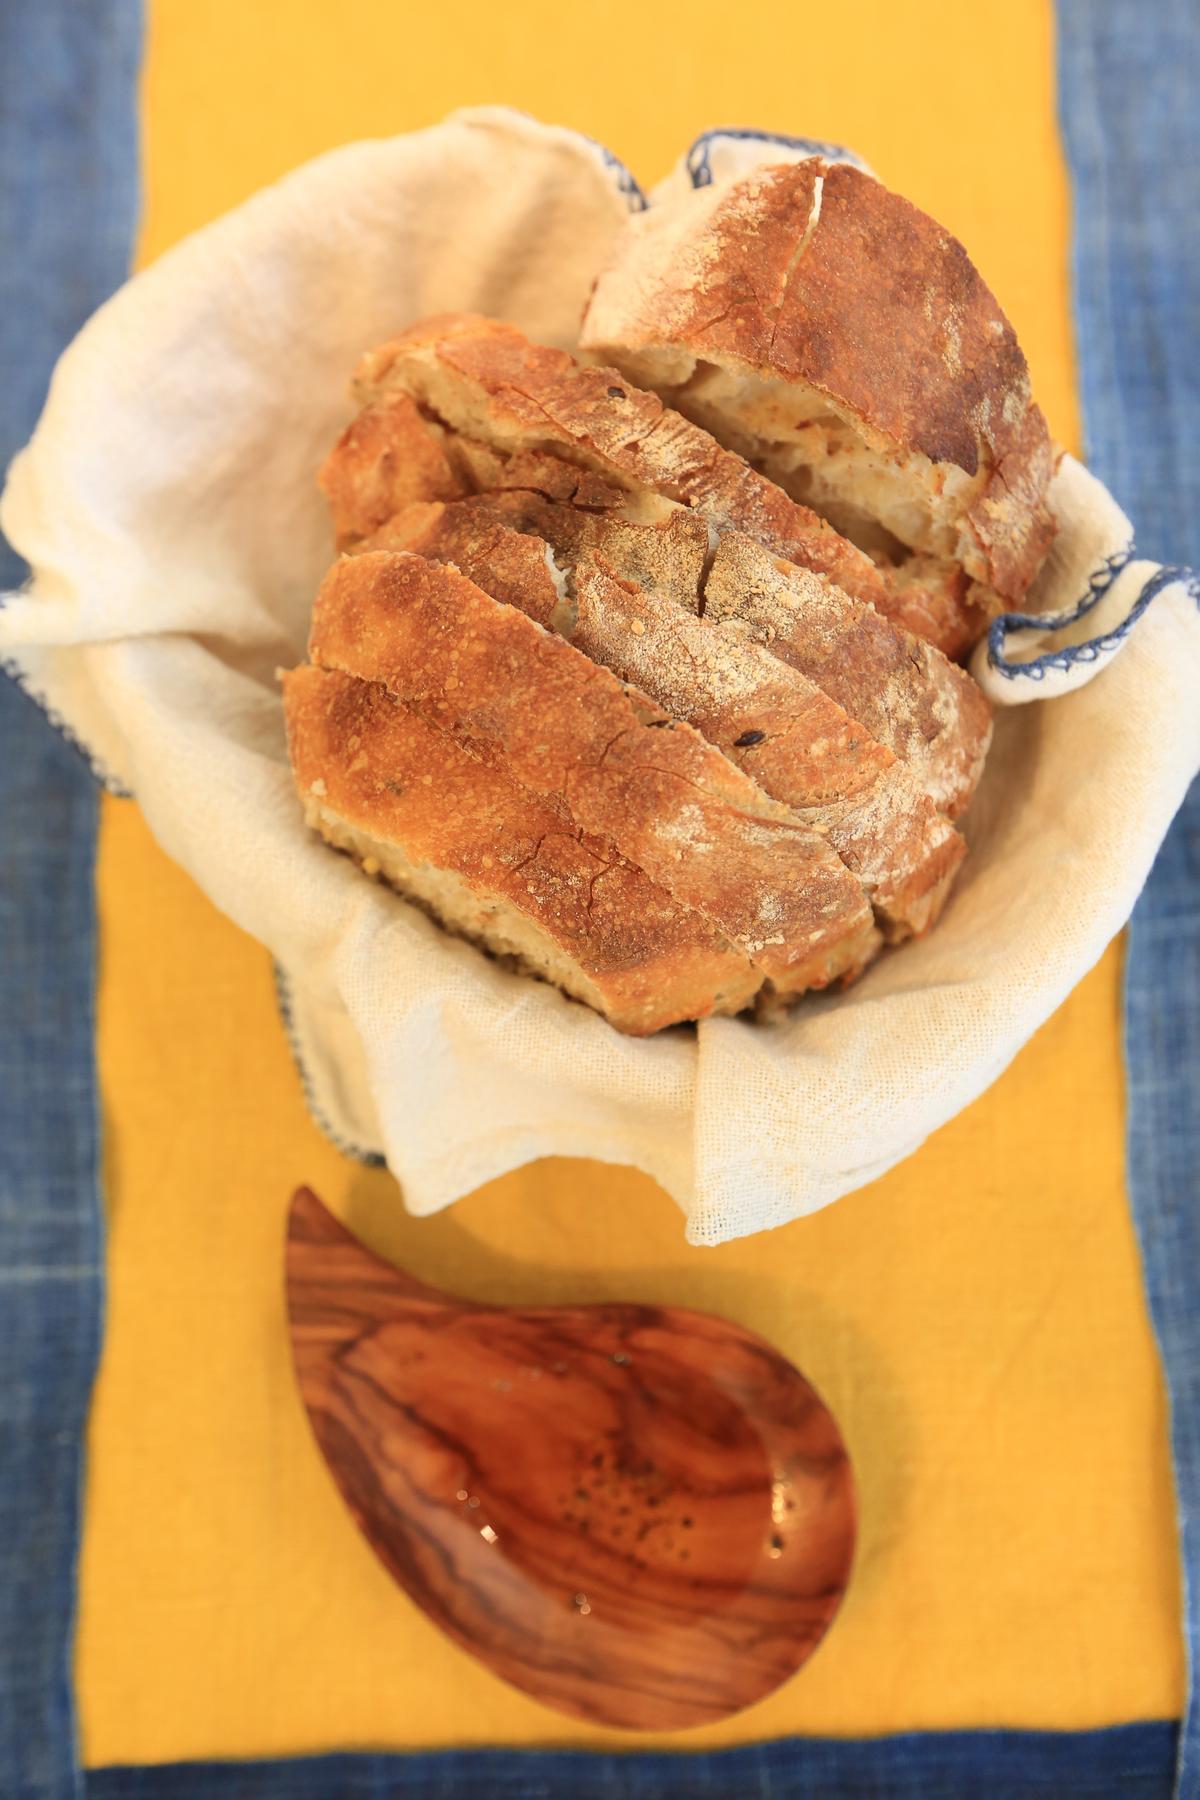 天然發酵的自製酸種麵包,配上冷壓初榨橄欖油。